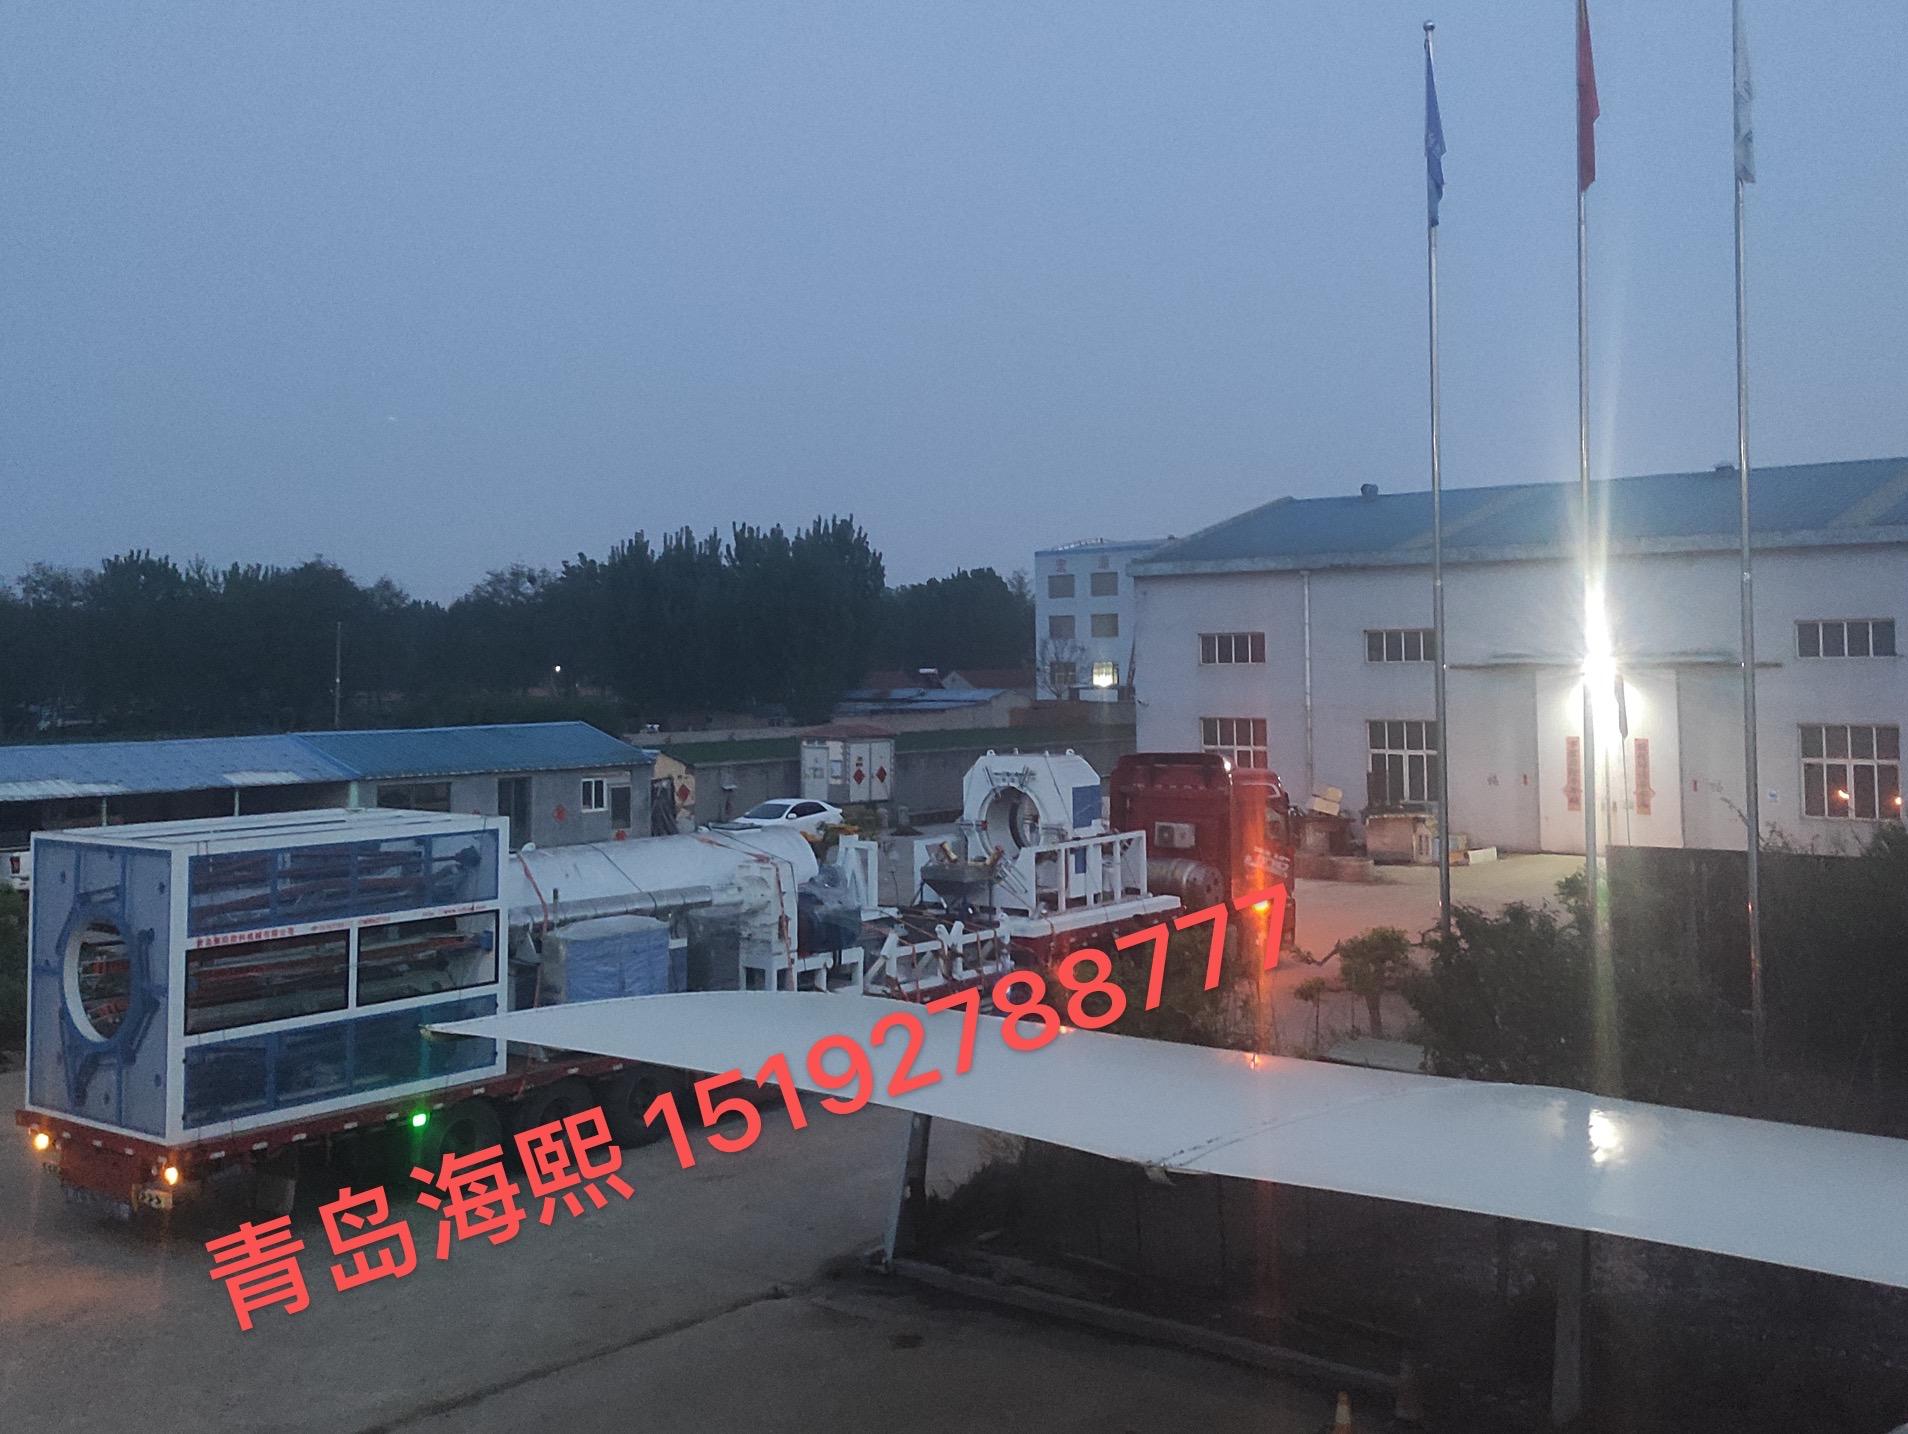 Jiexiu Deshengchang Machinery Equipment Sales Co., Ltd